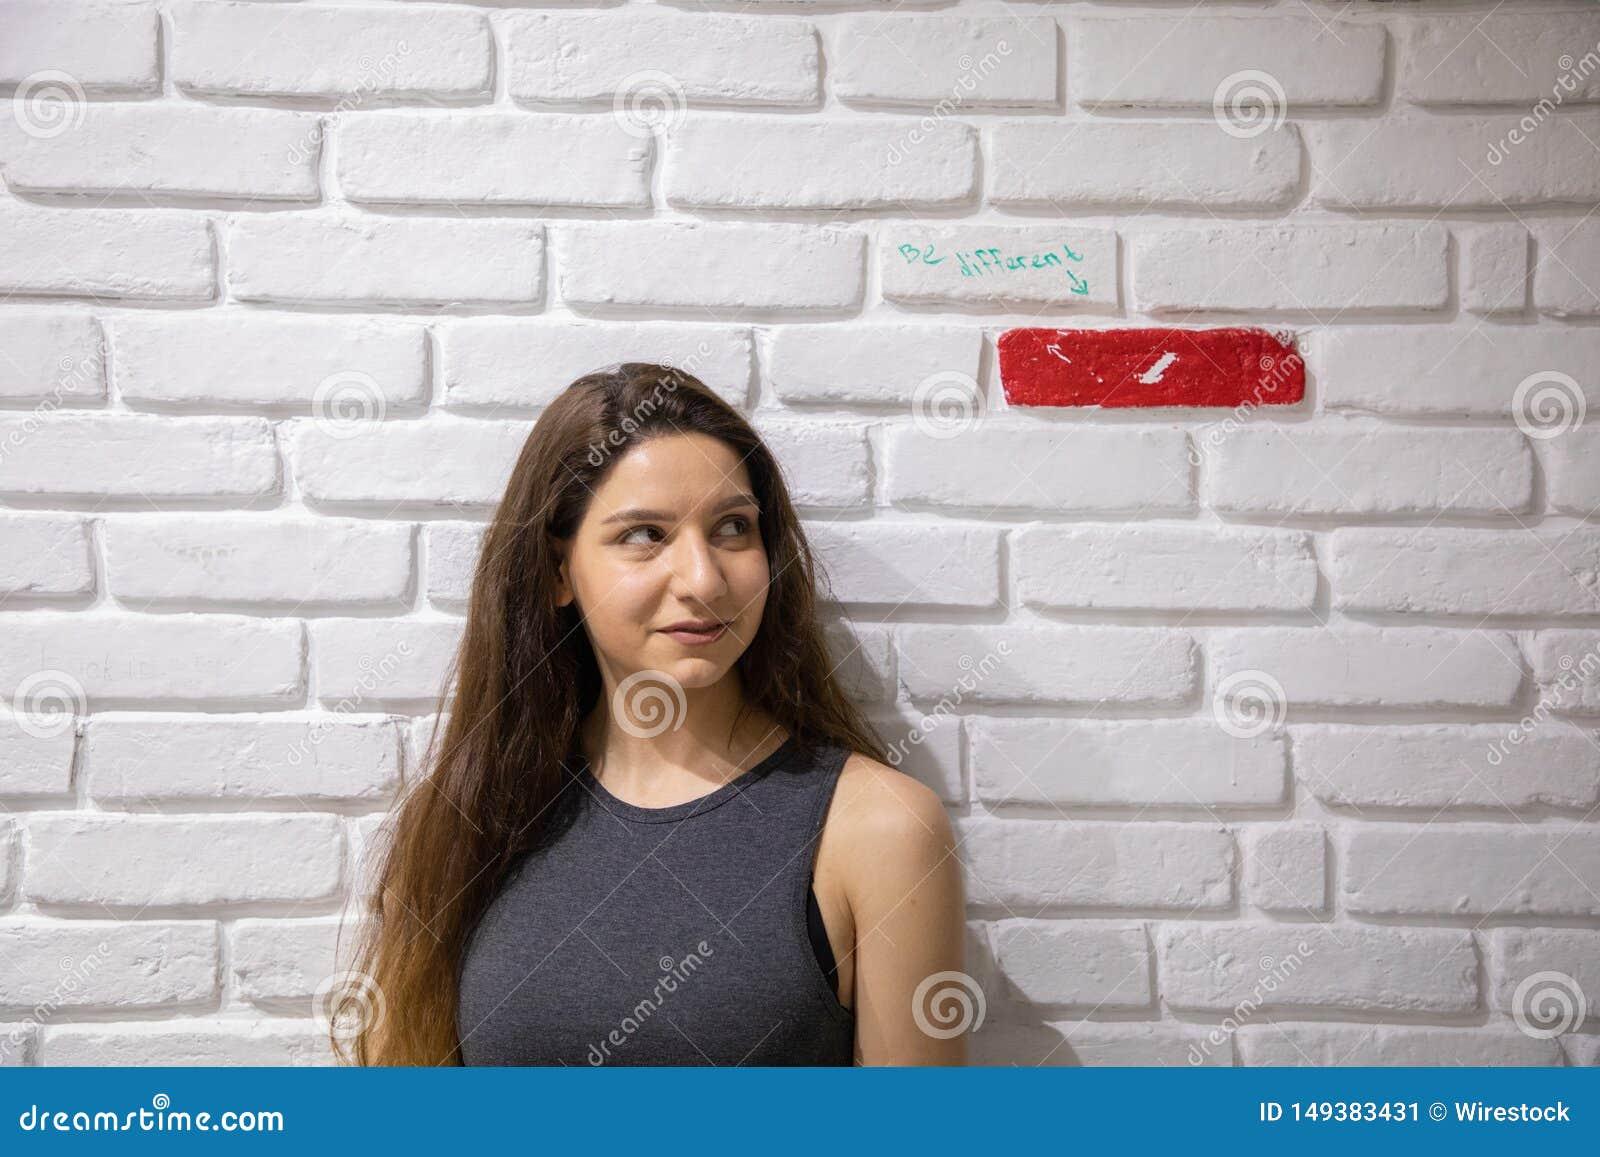 Posi??o modelo f?mea atrativa perto de uma parede de tijolo branca com um ?nico tijolo vermelho